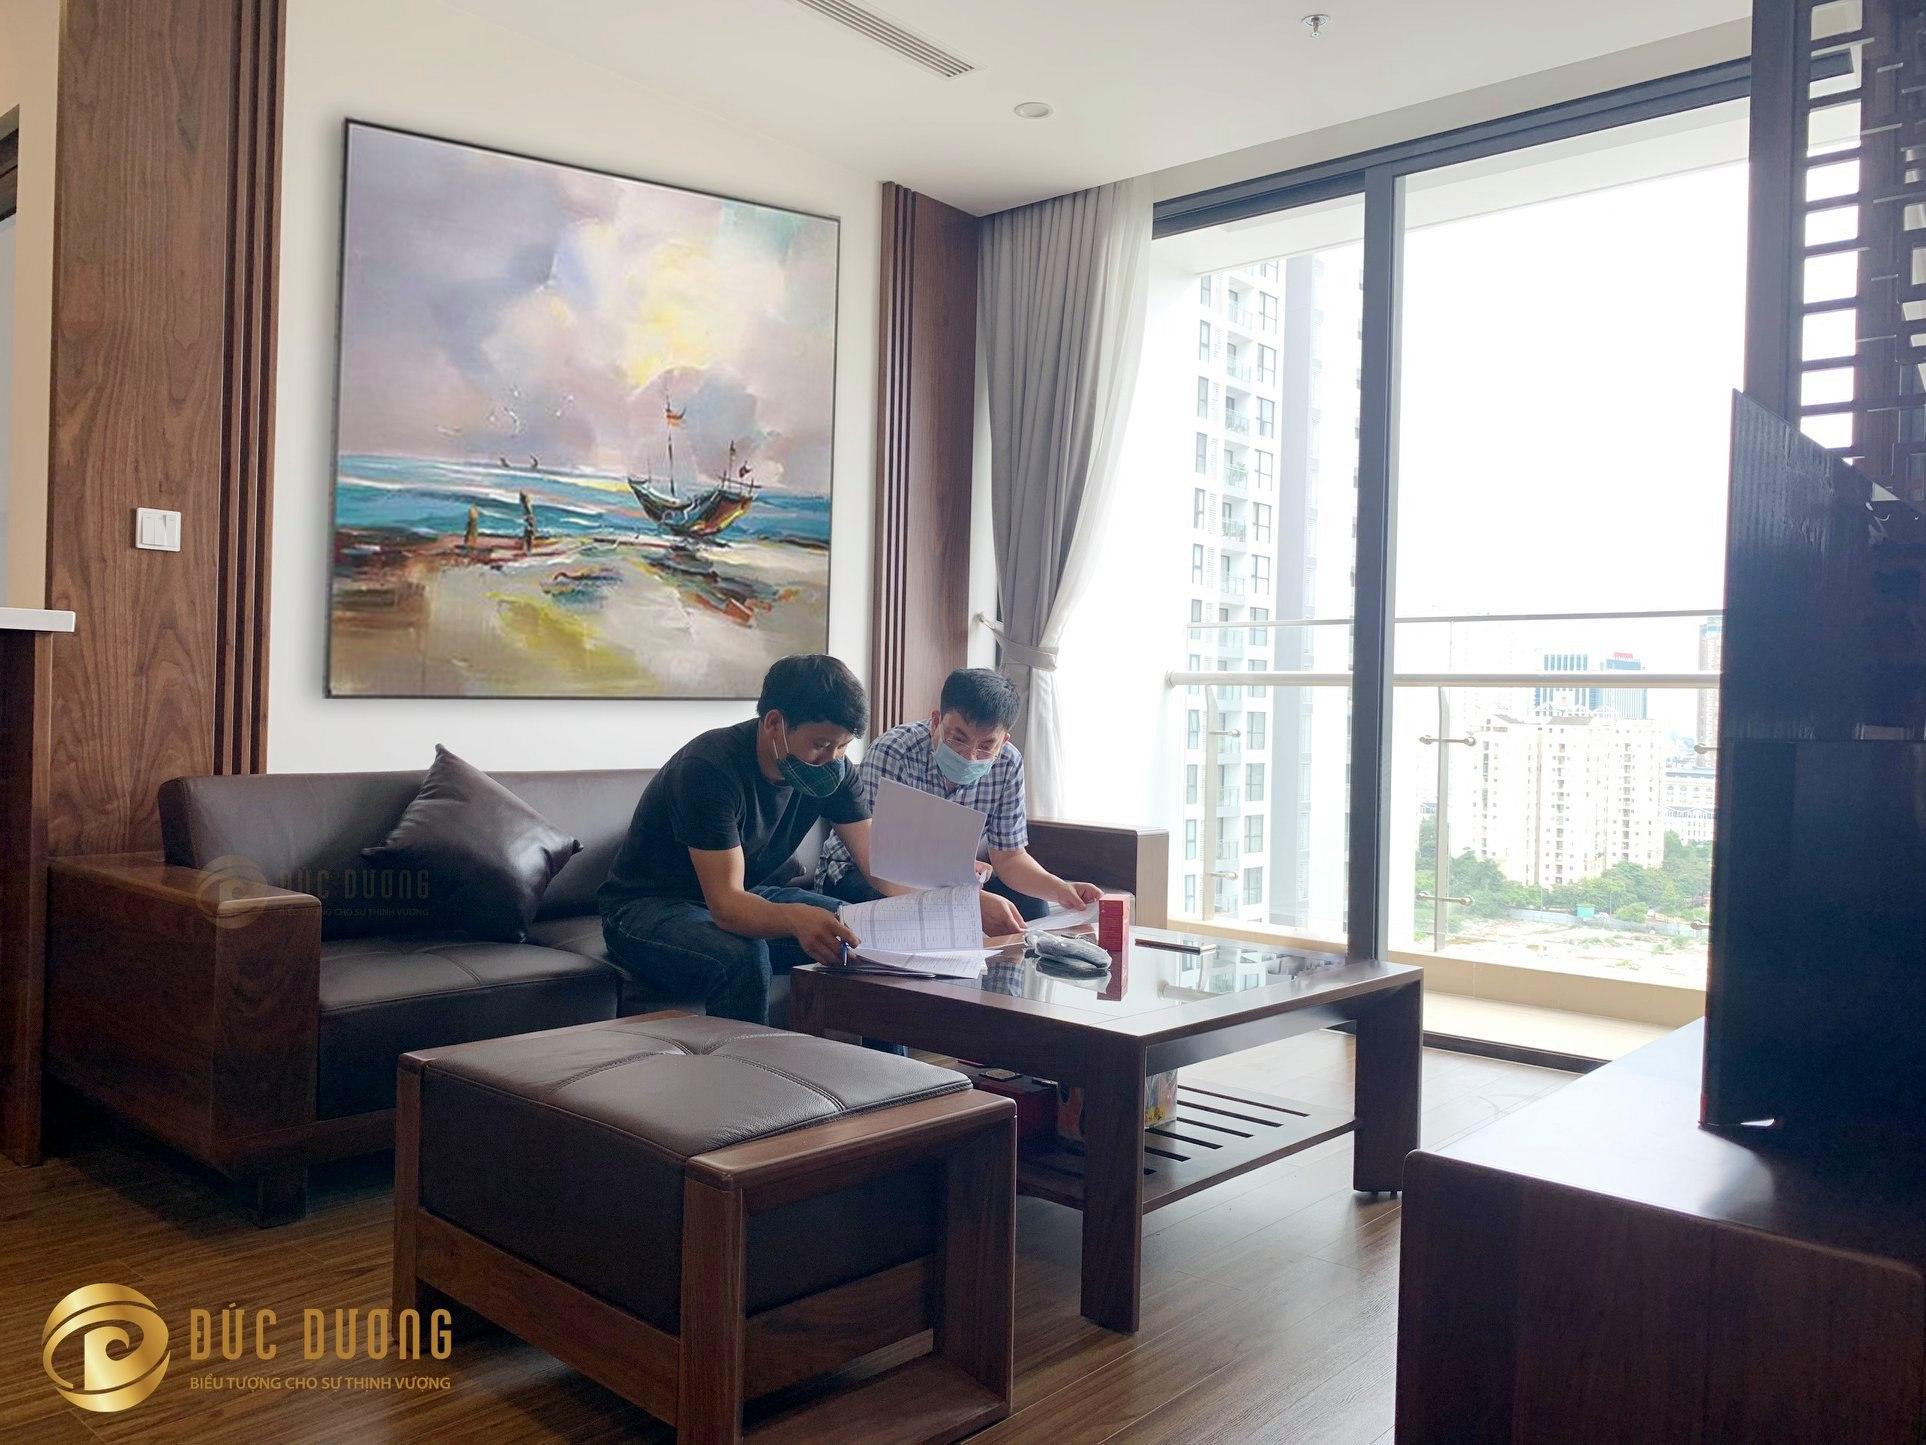 Hoàn thiện thi công nội thất căn hộ chị Linh, Vinhomes West Point️